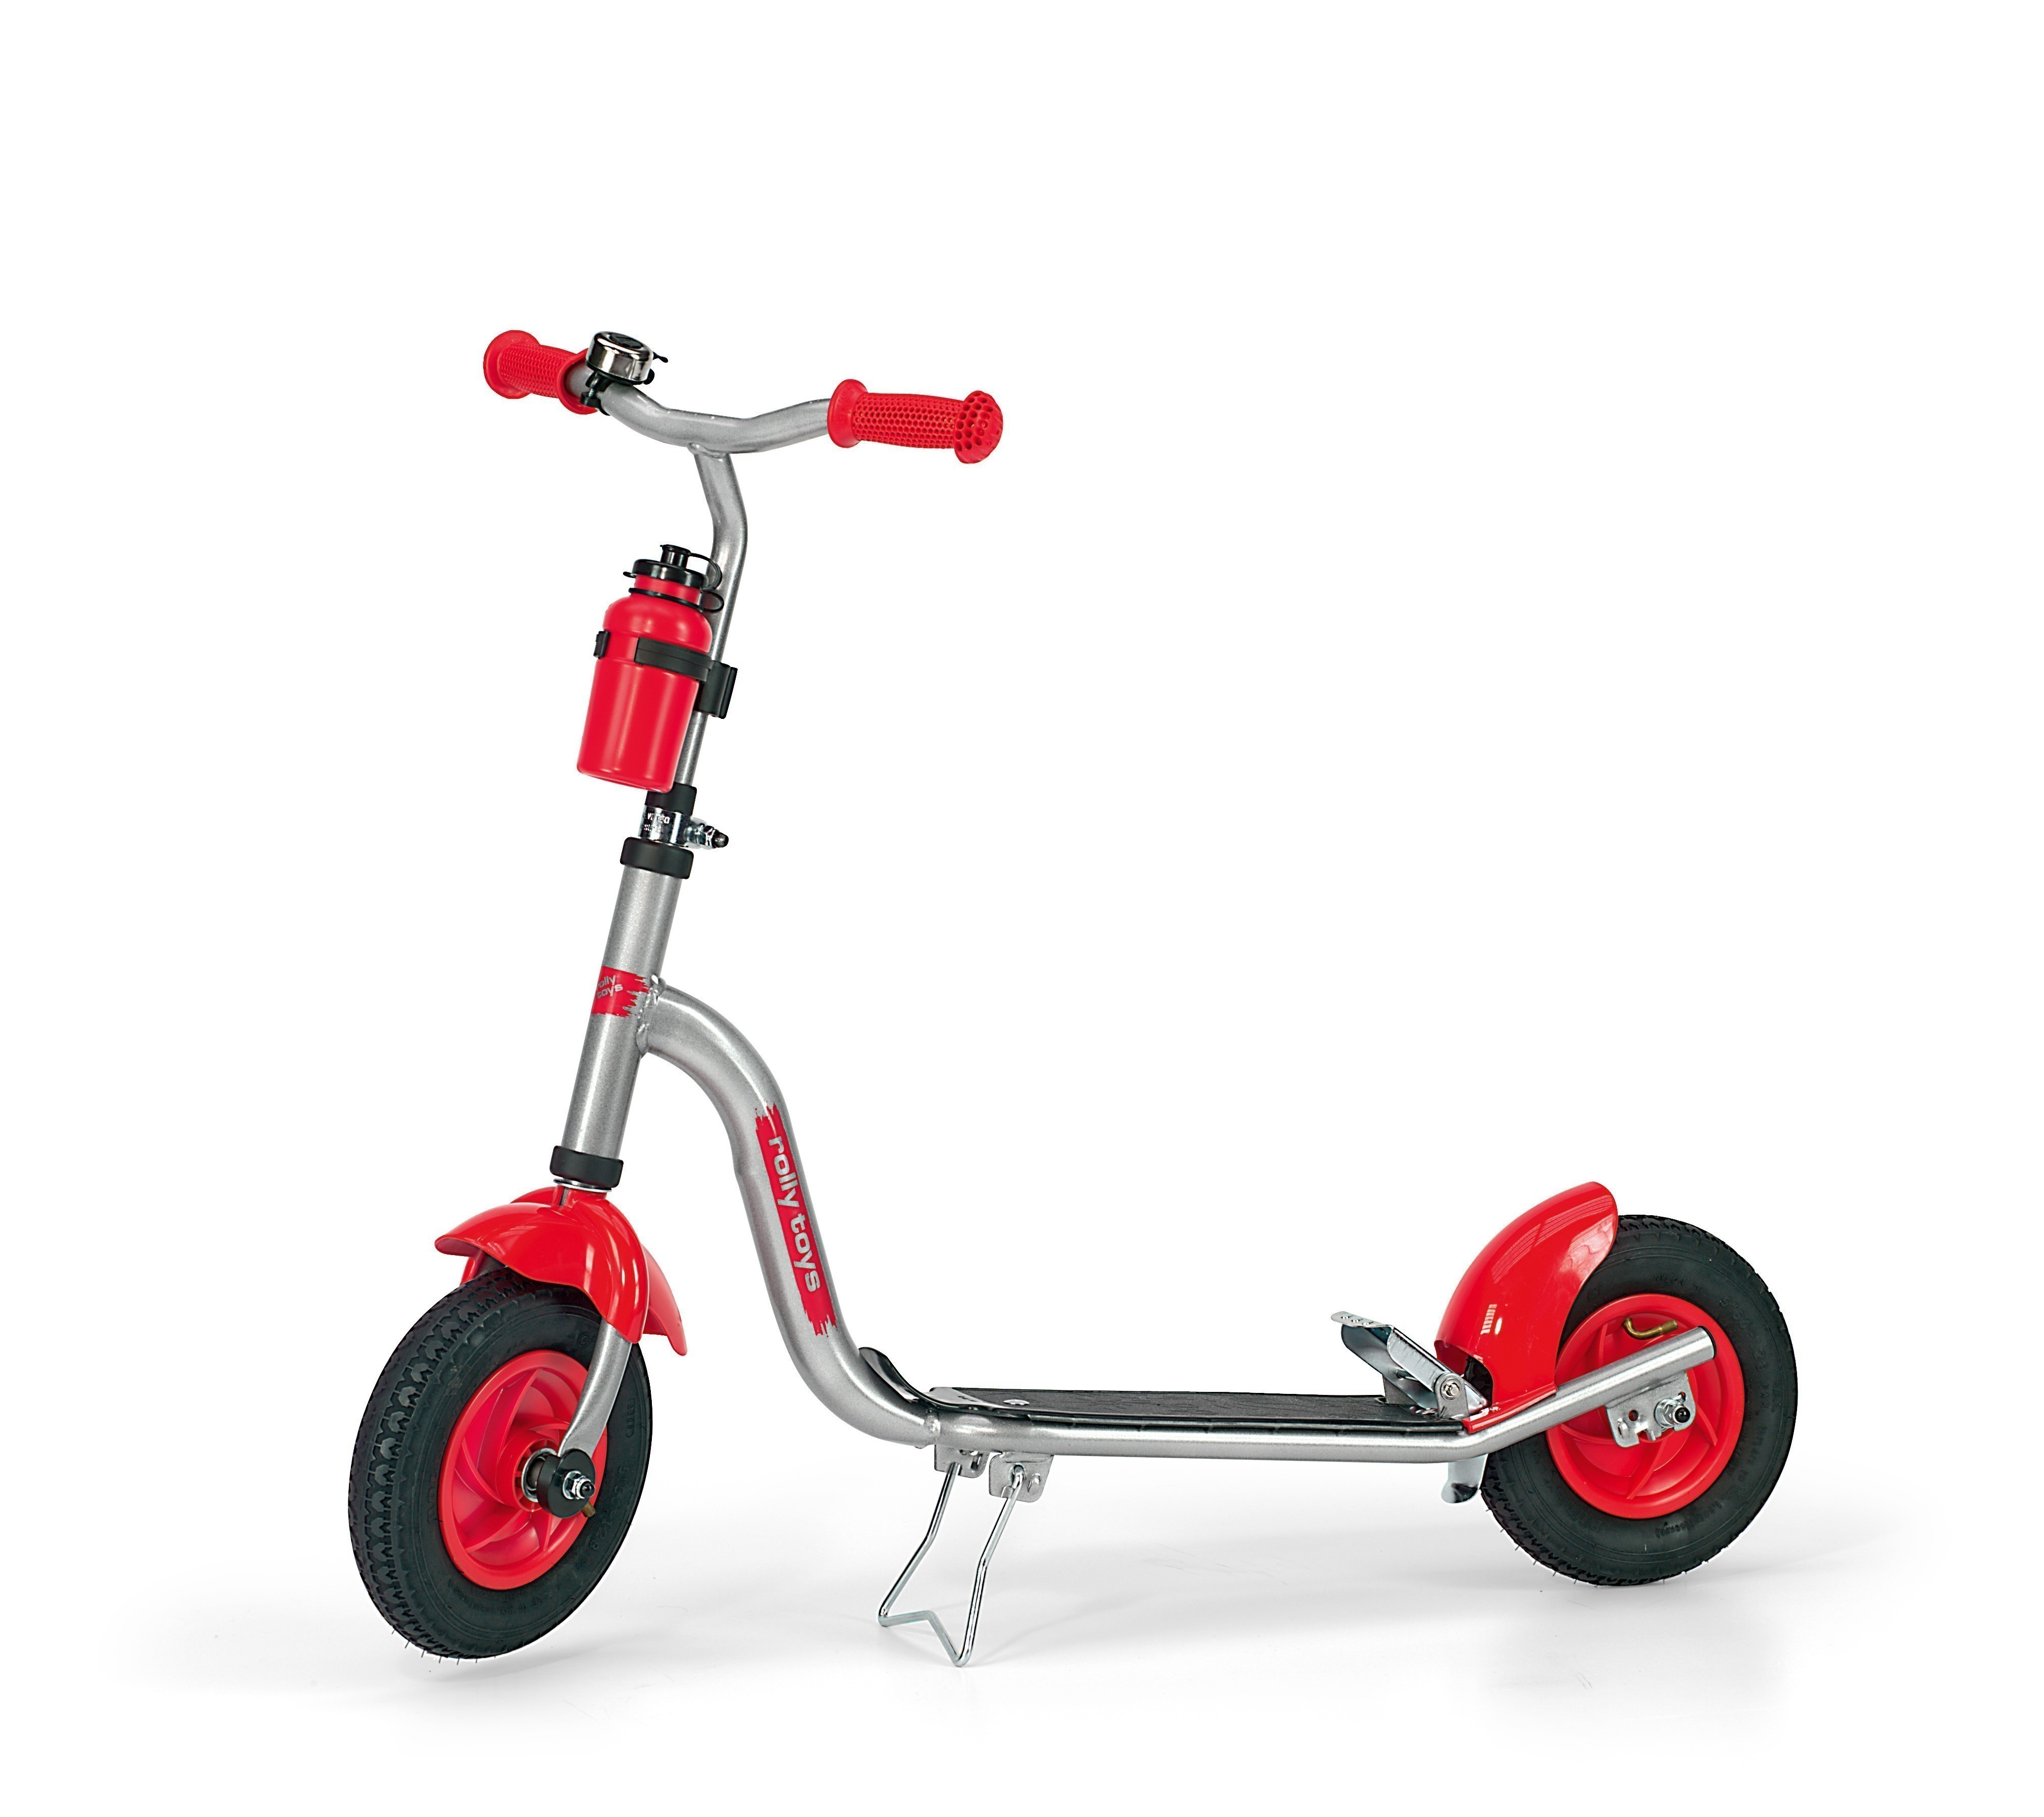 Tretroller, Kinderroller rolly Bambino - Rolly Toys Bild 1